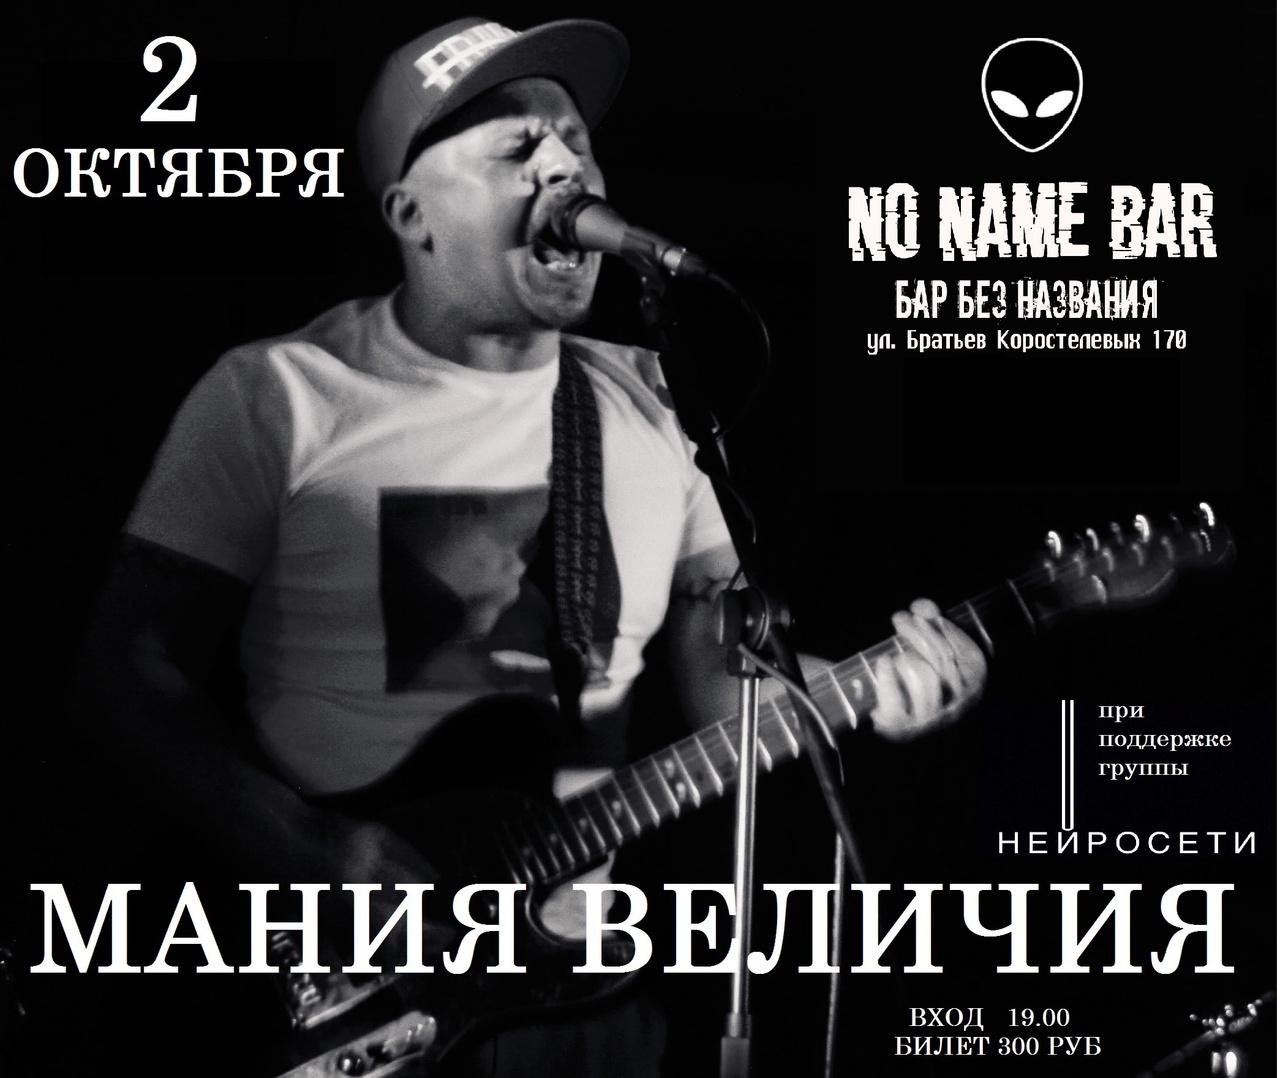 Афиша Мания Величия в No Name Bar 2.10.2021